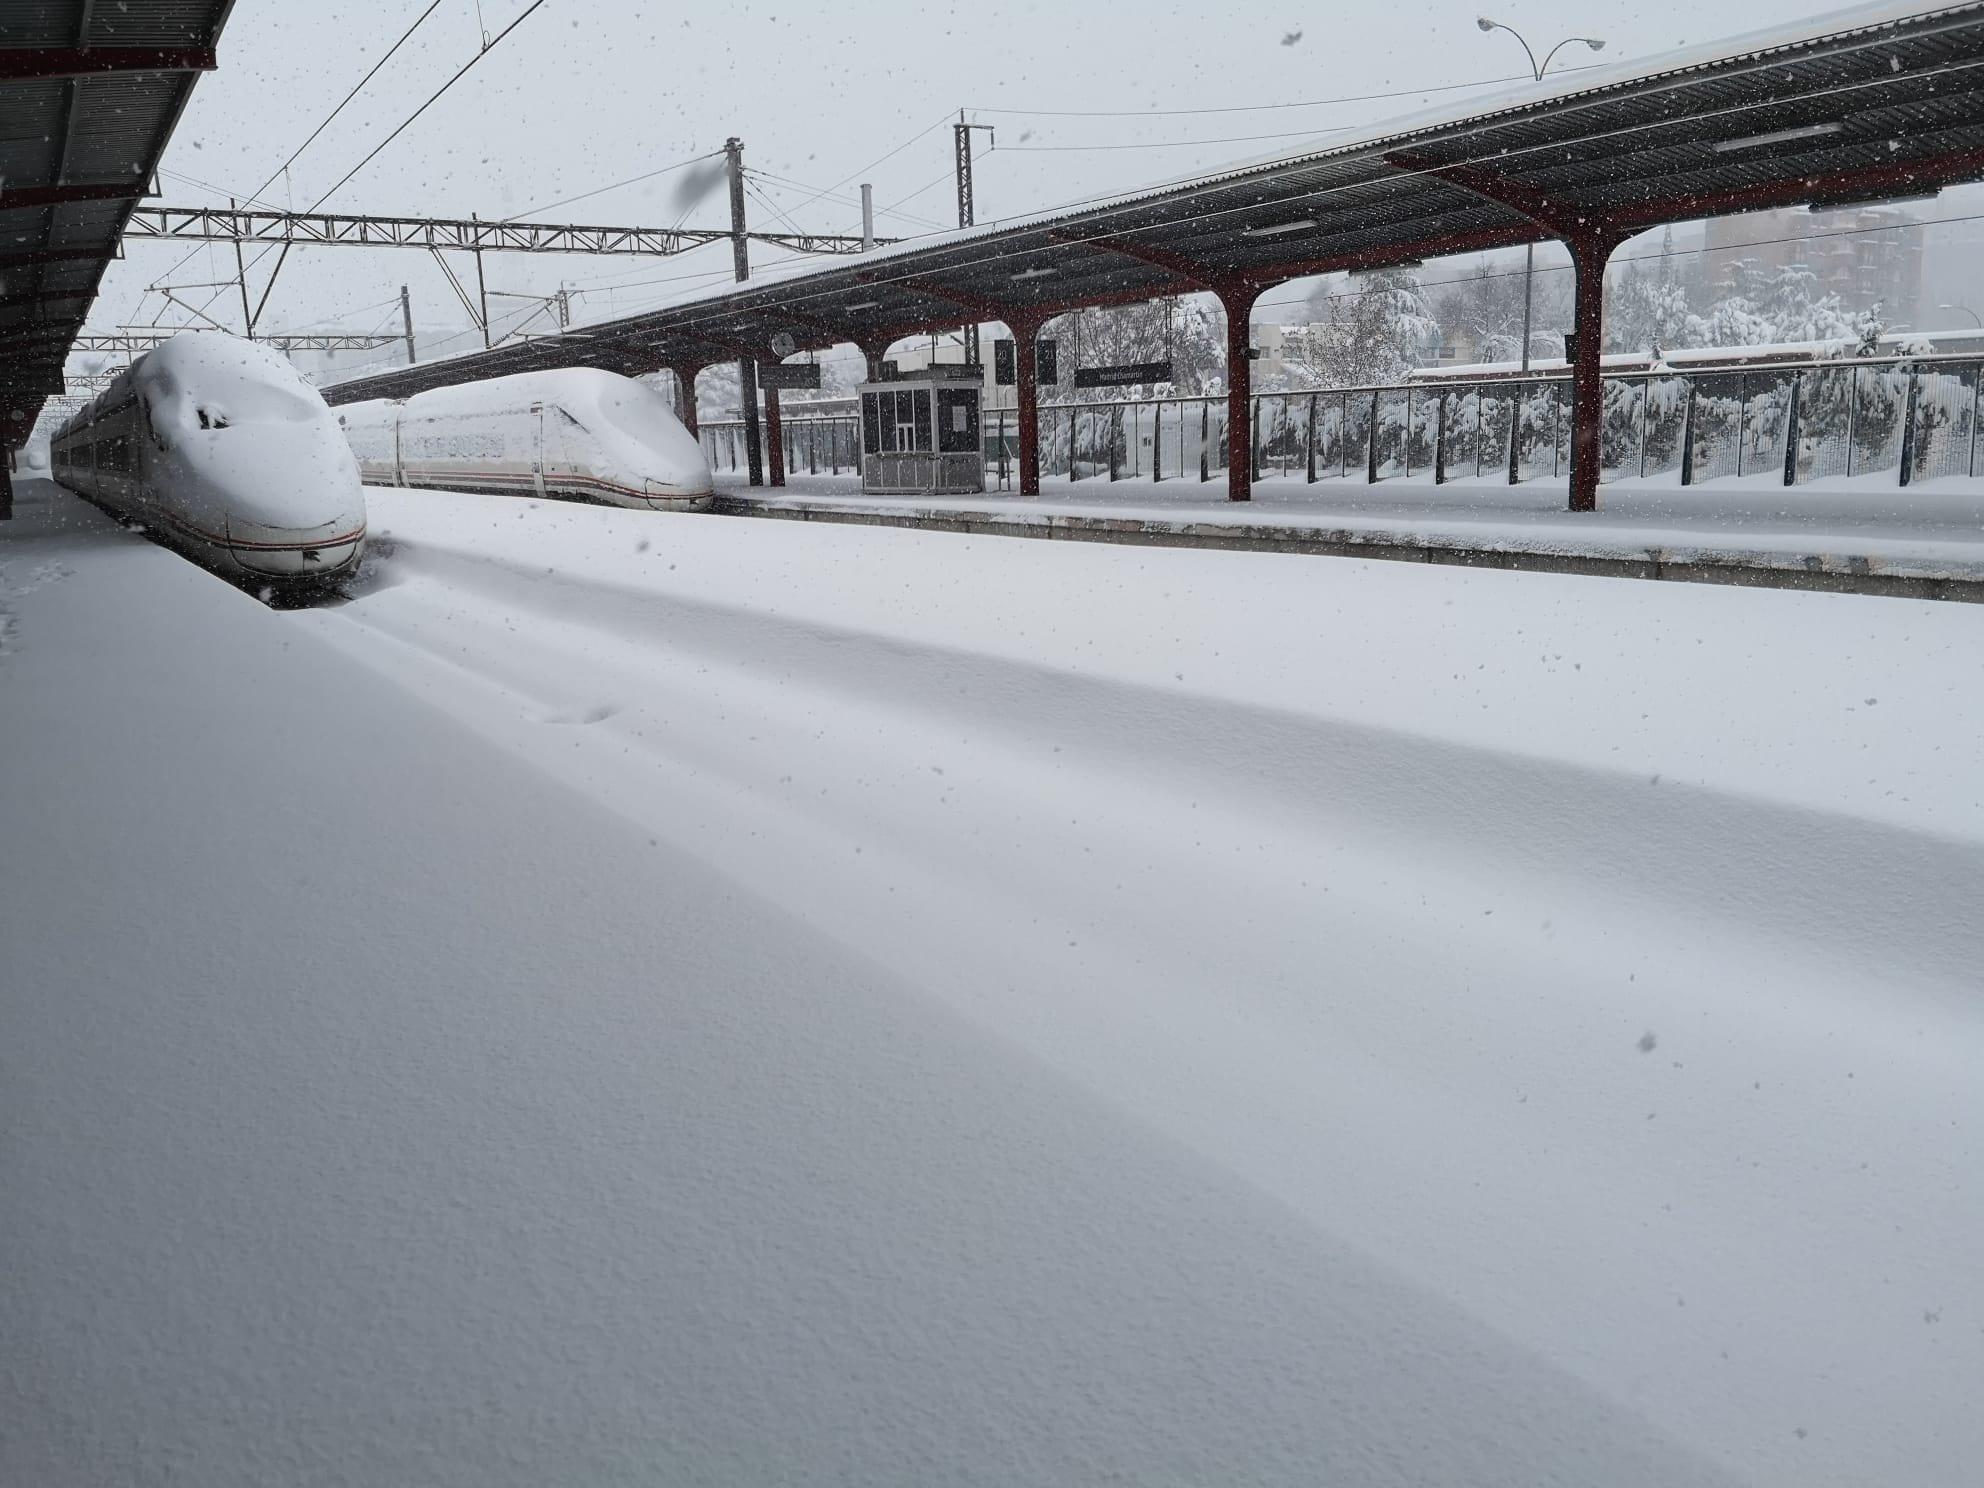 Estacion de tren en Madrid cubierta de nieve